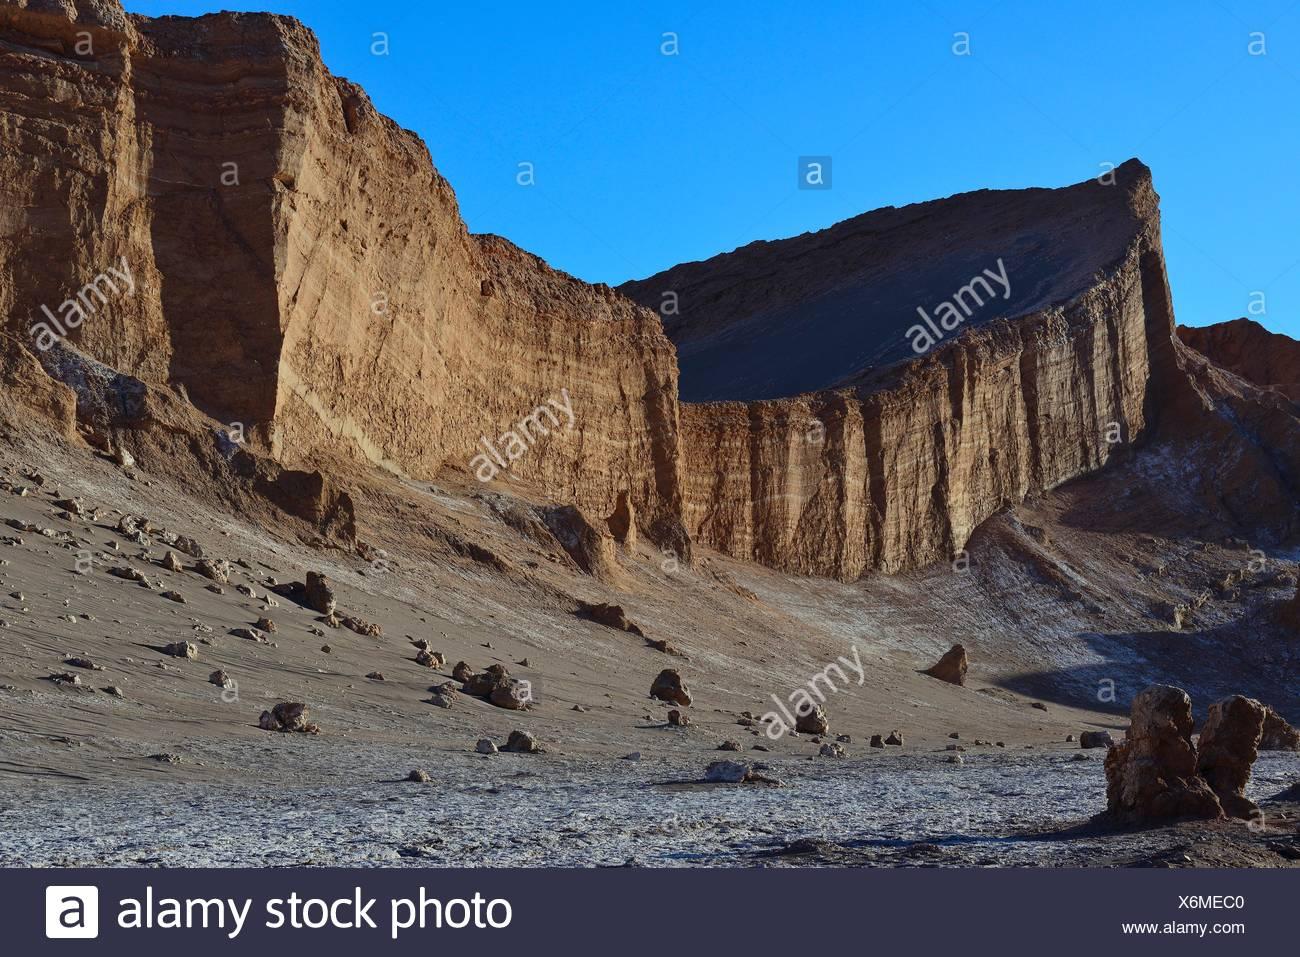 Cara de la roca en el Valle de la Luna, Valle de la Luna, San Pedro de Atacama, Antofagasta, Chile Imagen De Stock